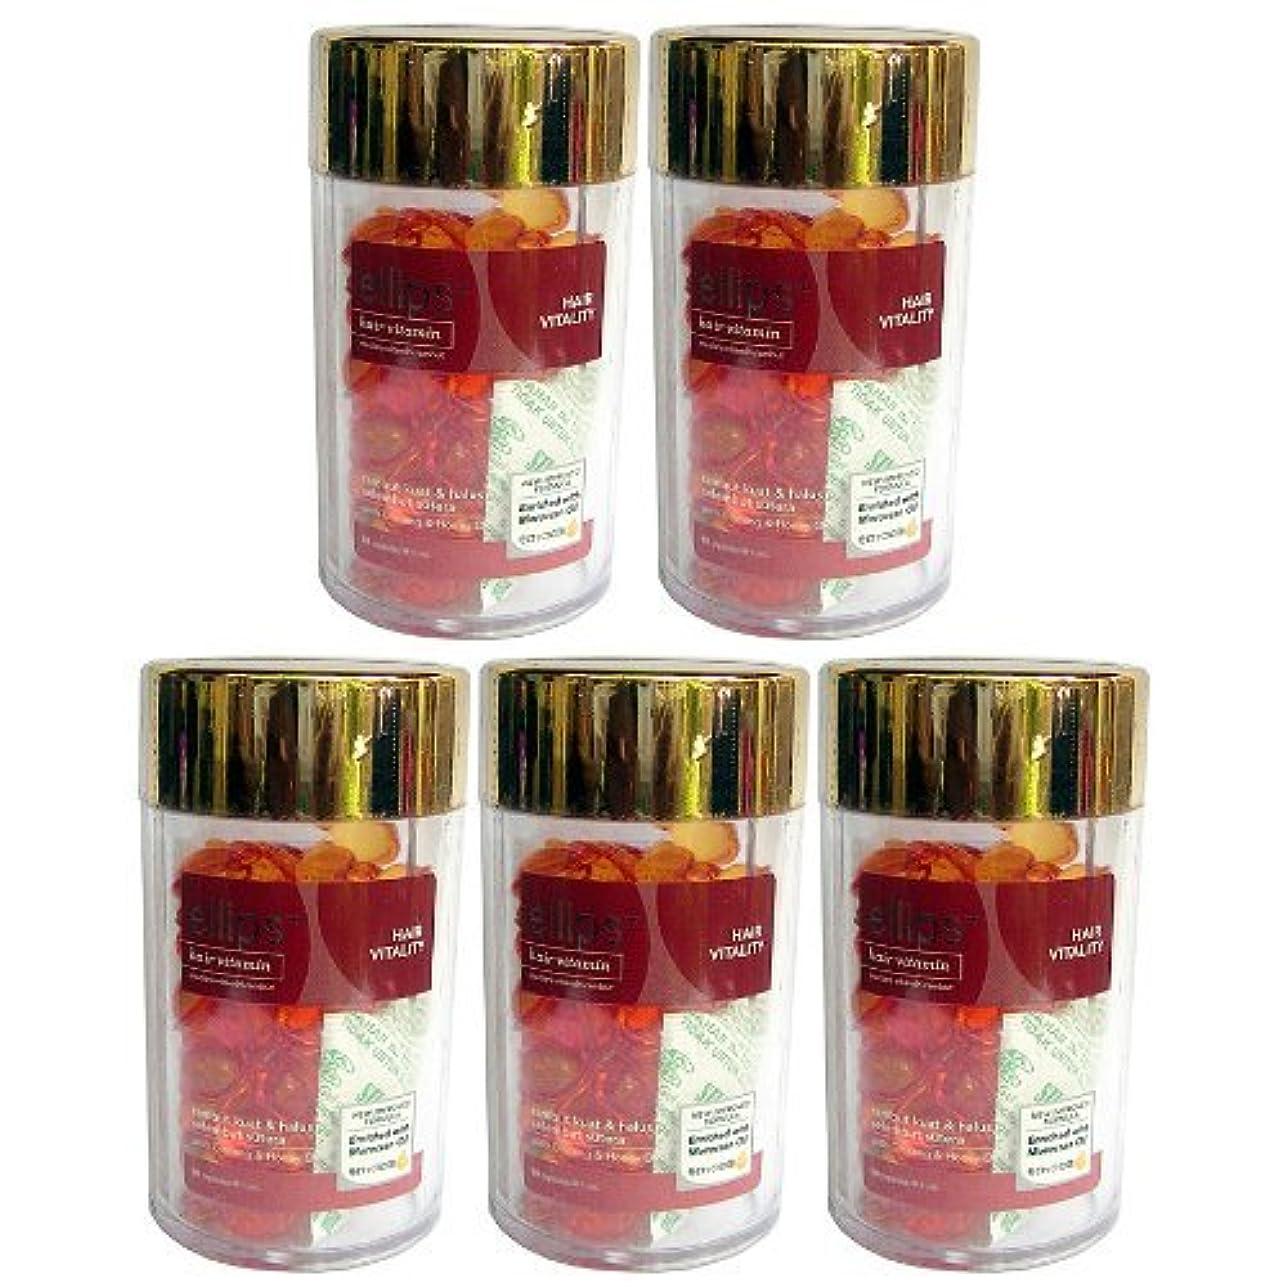 エリップスellipsヘアビタミン洗い流さないヘアトリートメント50粒入ボトル5本組(海外直送品)(並行輸入品) (オレンジ5本)